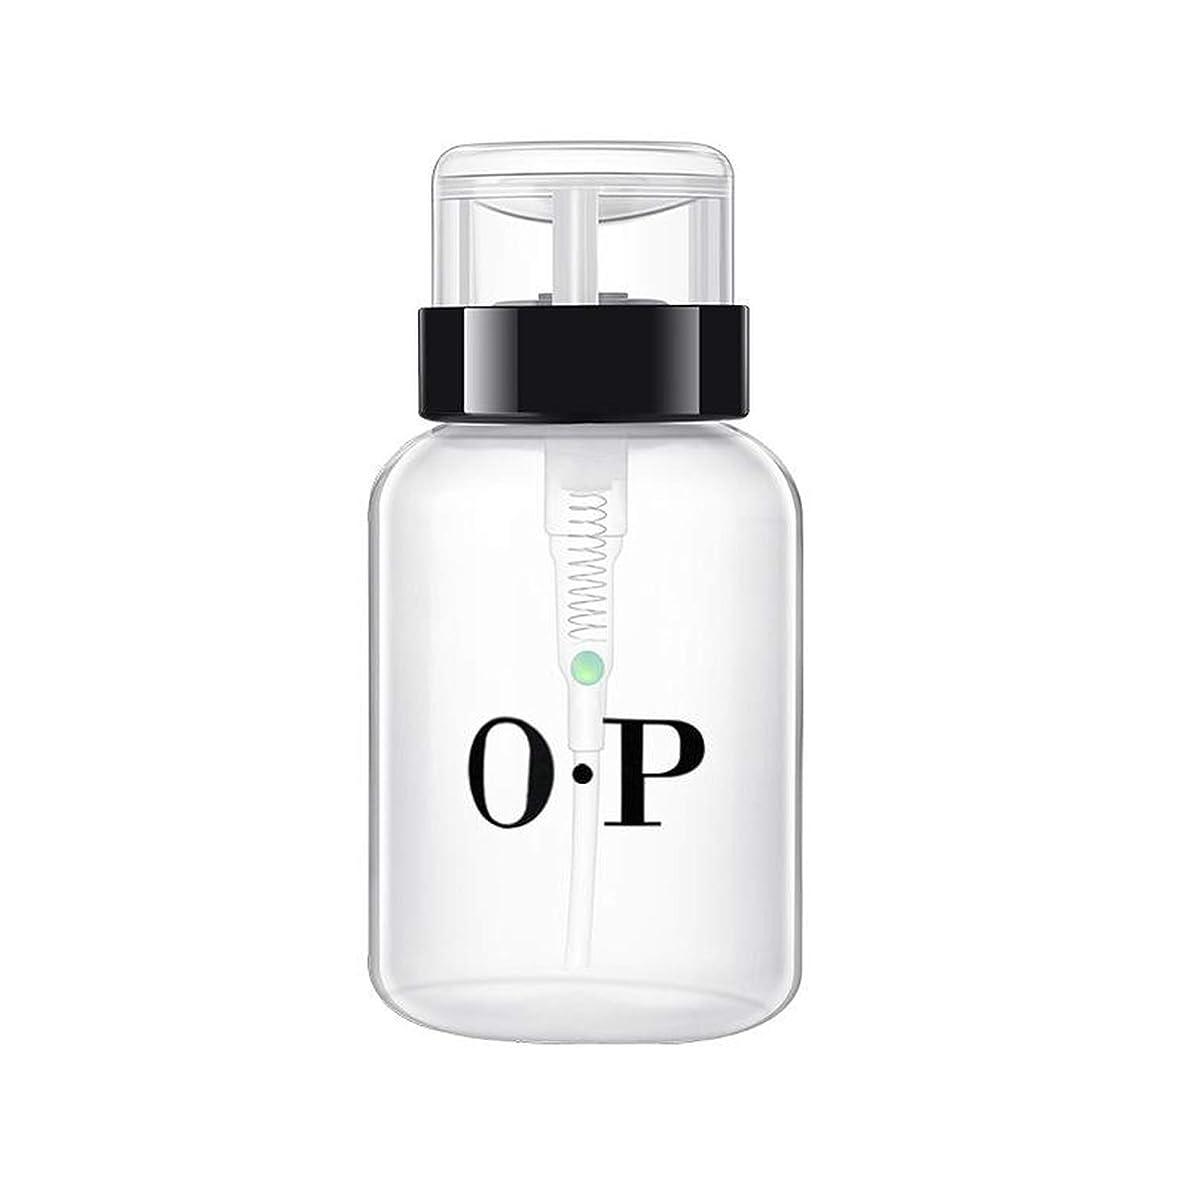 スポーツの試合を担当している人平和的バースト200ミリリットル空のアルコール液を押しネイルポリッシュリムーバーは、ディスペンサーは、化粧品容器の旅行ボトルをボトル200ML2ポンピング